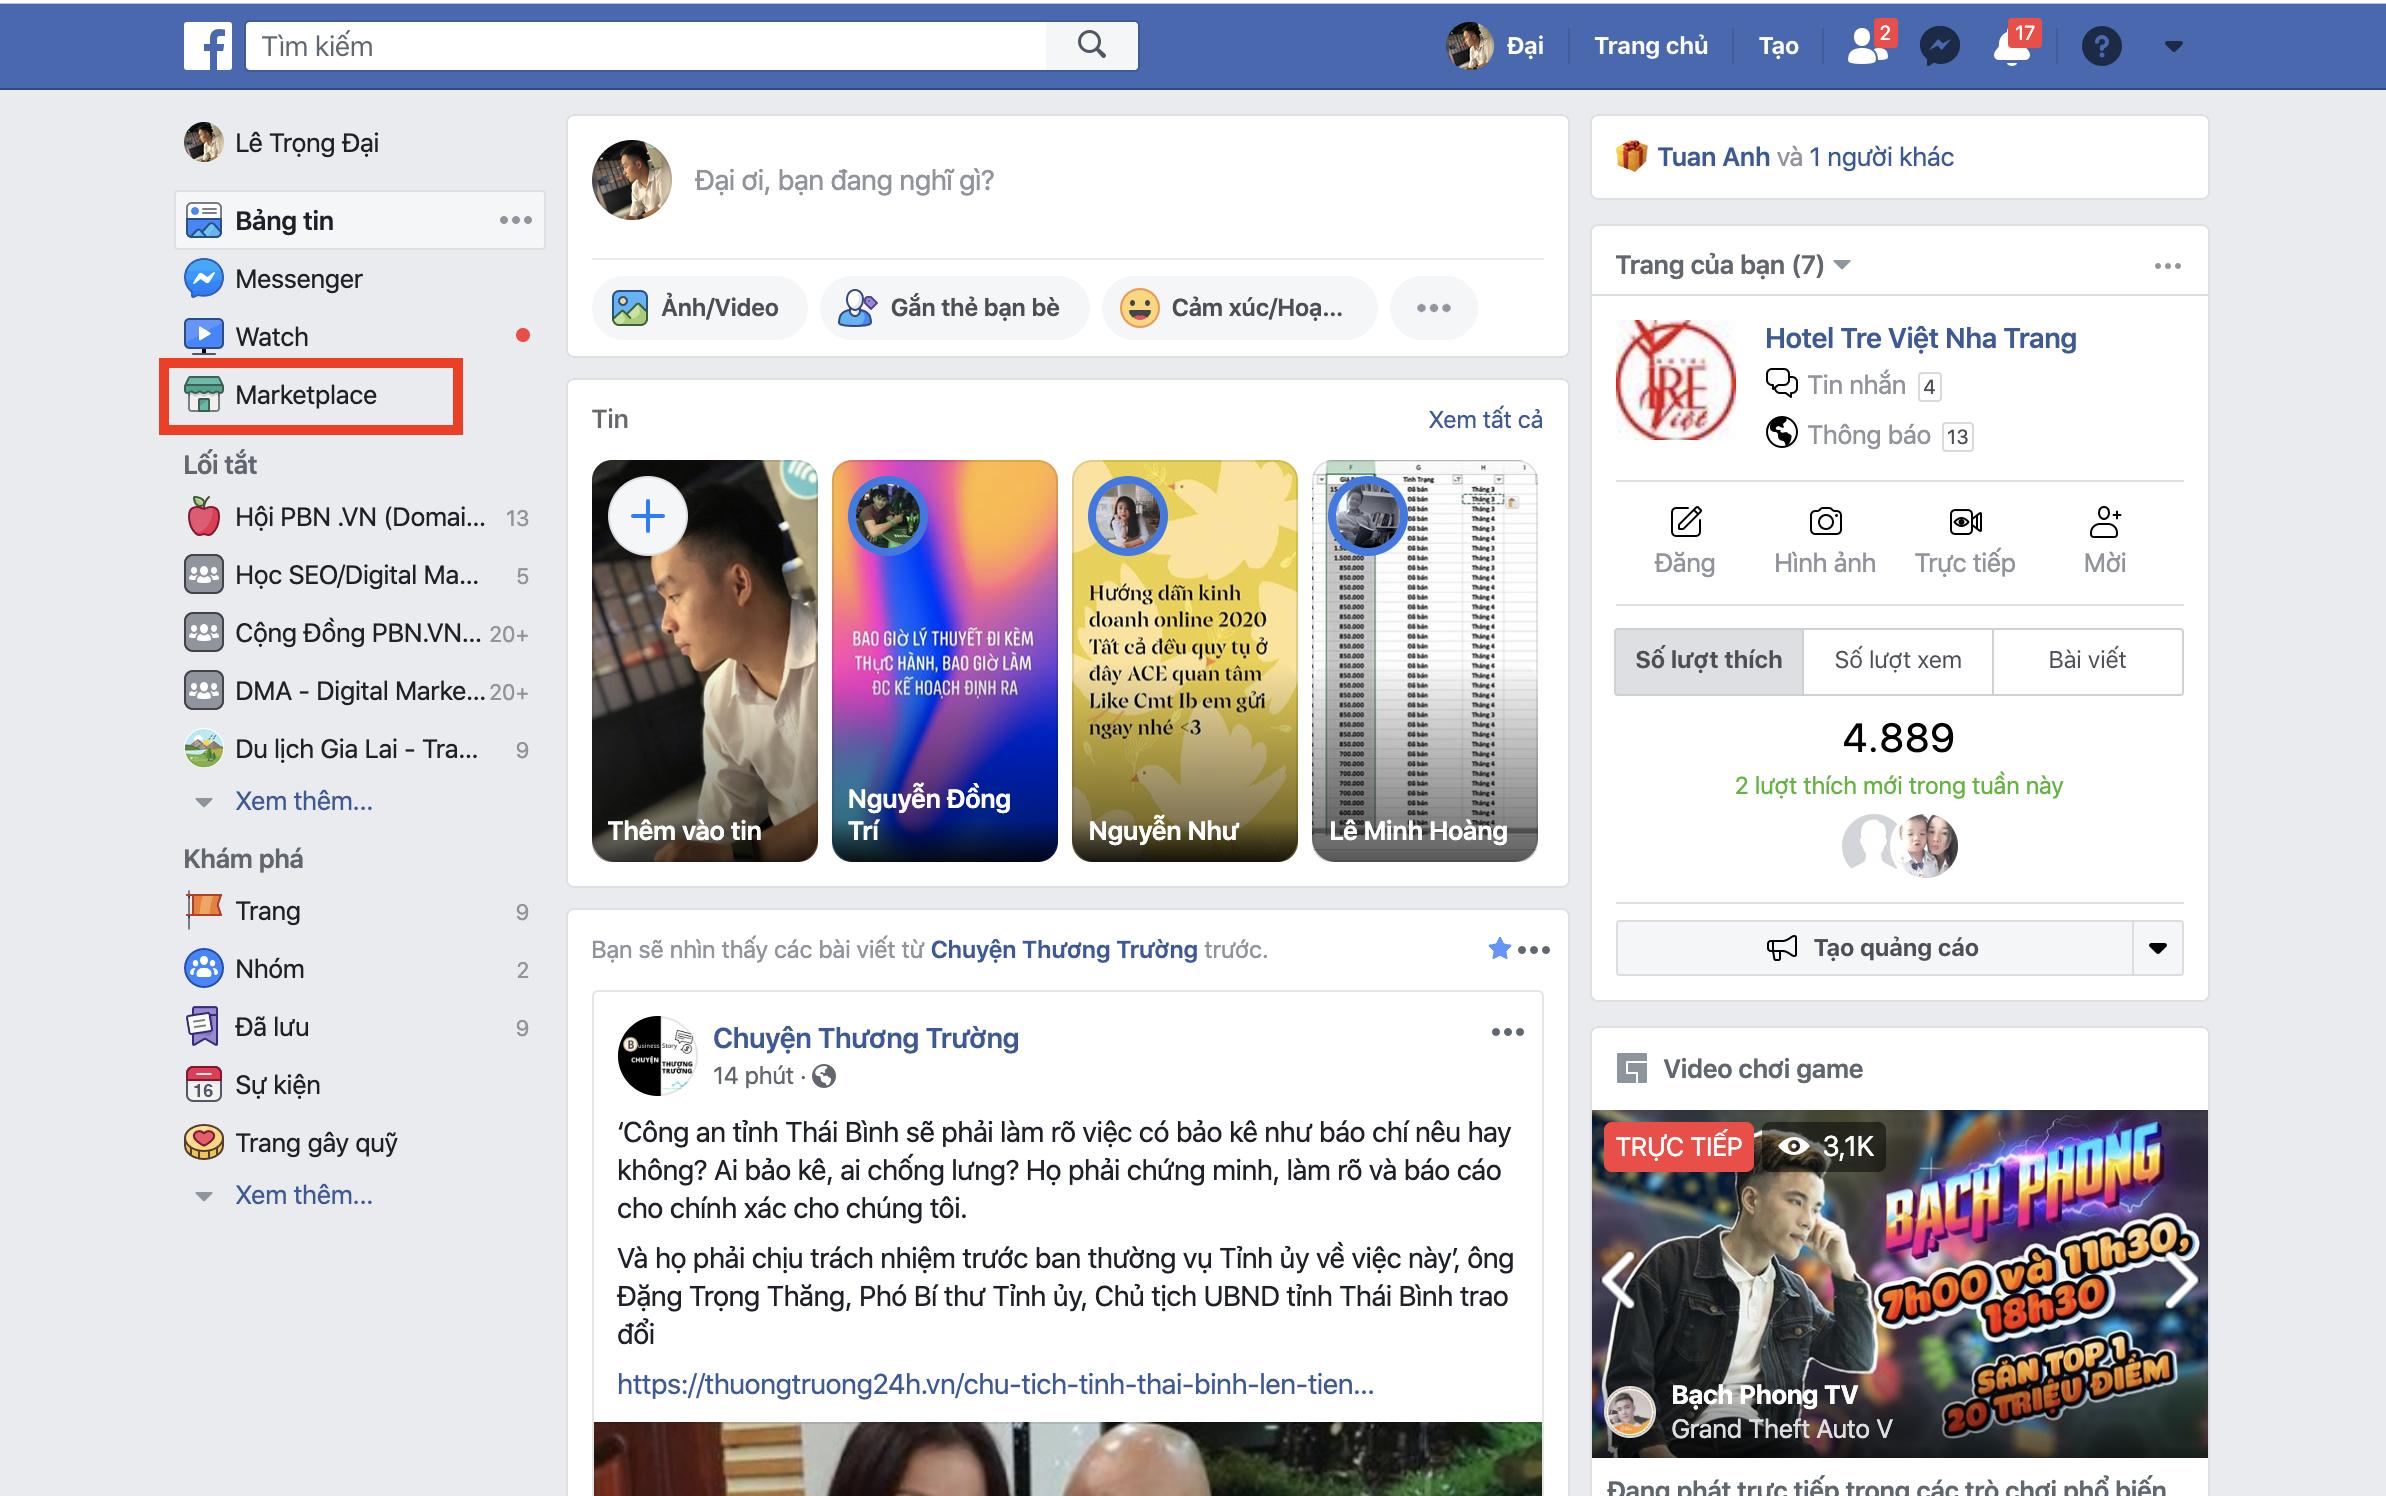 Hướng dẫn chi tiết cách đăng bài bán hàng ở Facebook Marketpalce trên điện thoại và máy tính 1